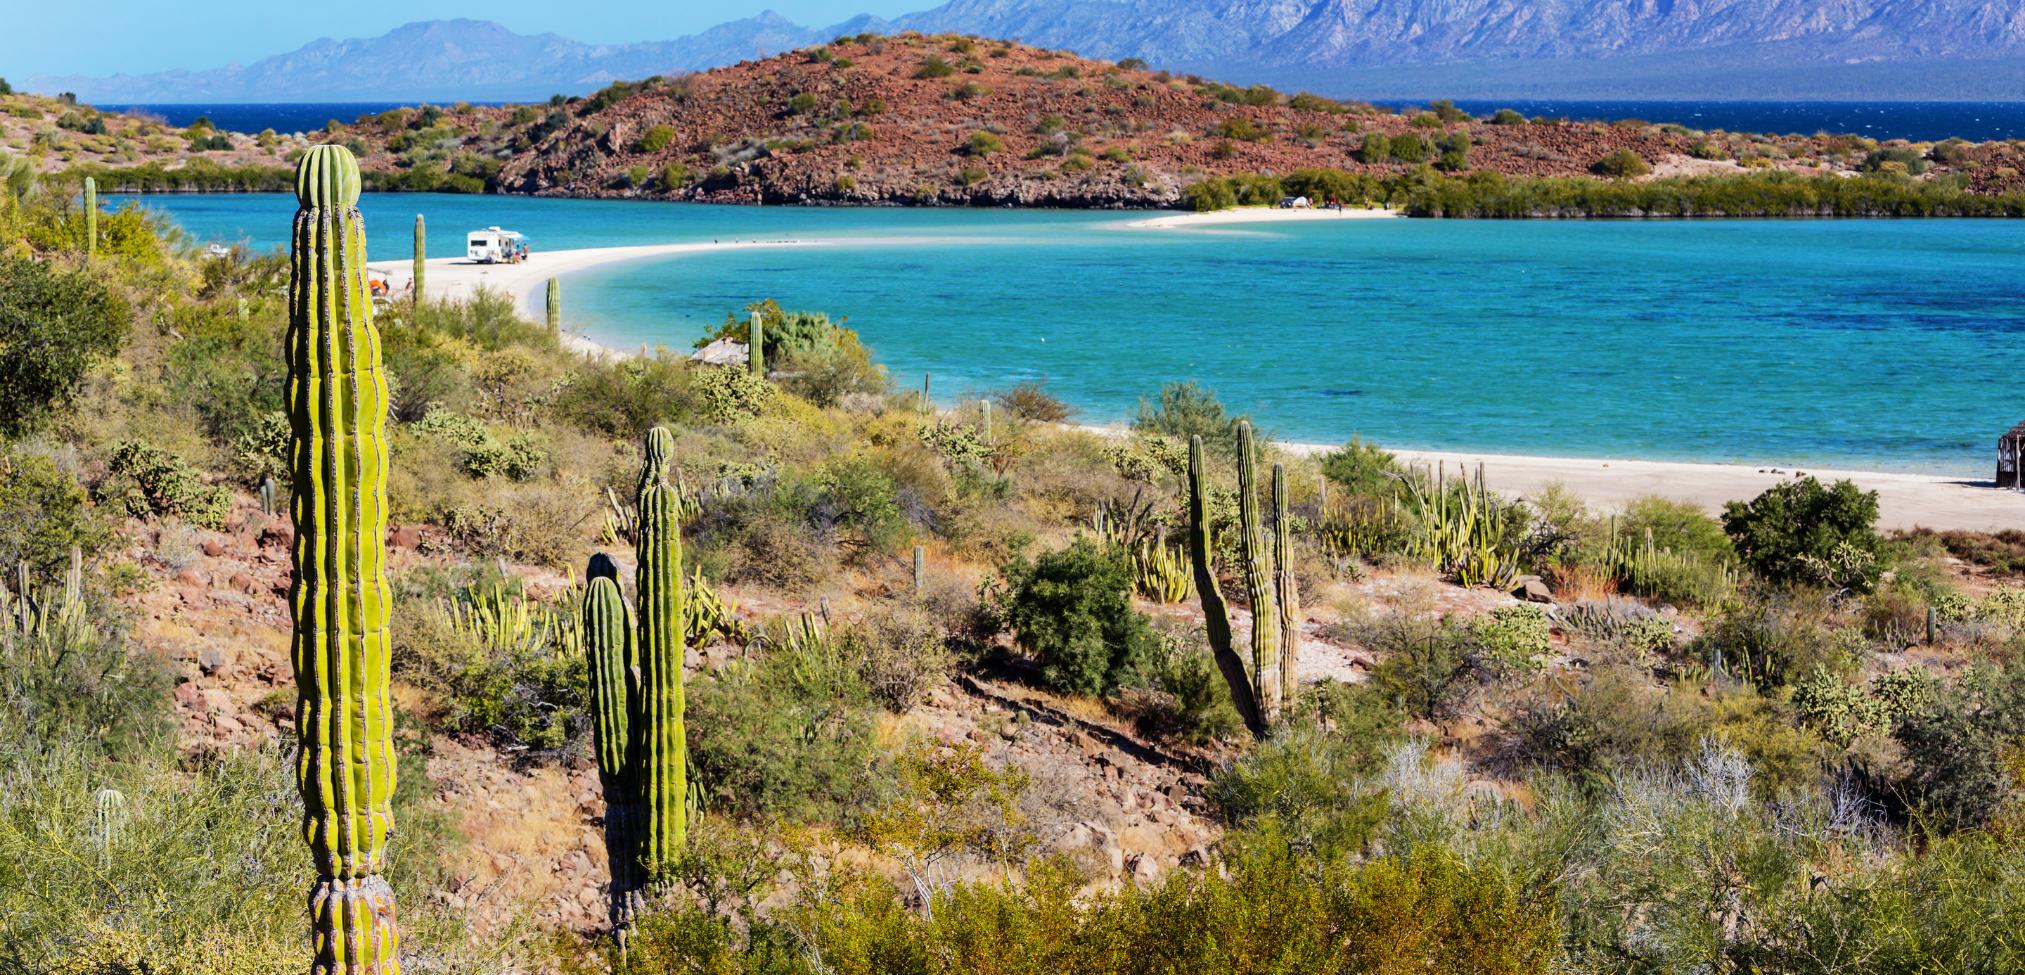 Die schönsten Reiseziele in Mexico: Baja California